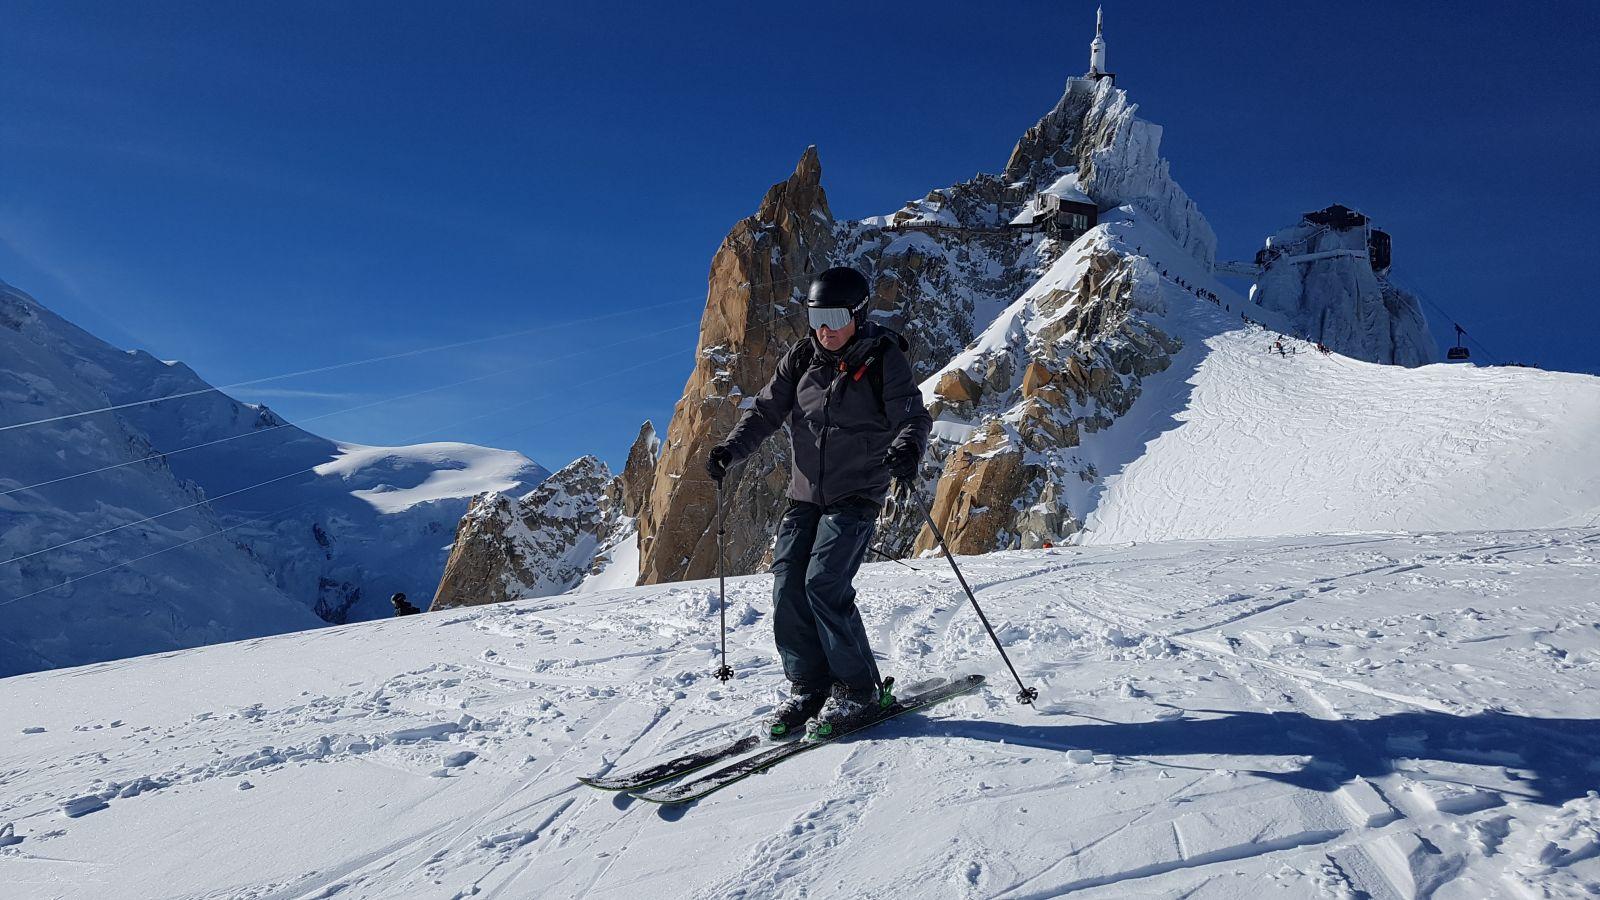 Vallee Blanche Envers Du Plan Glacier